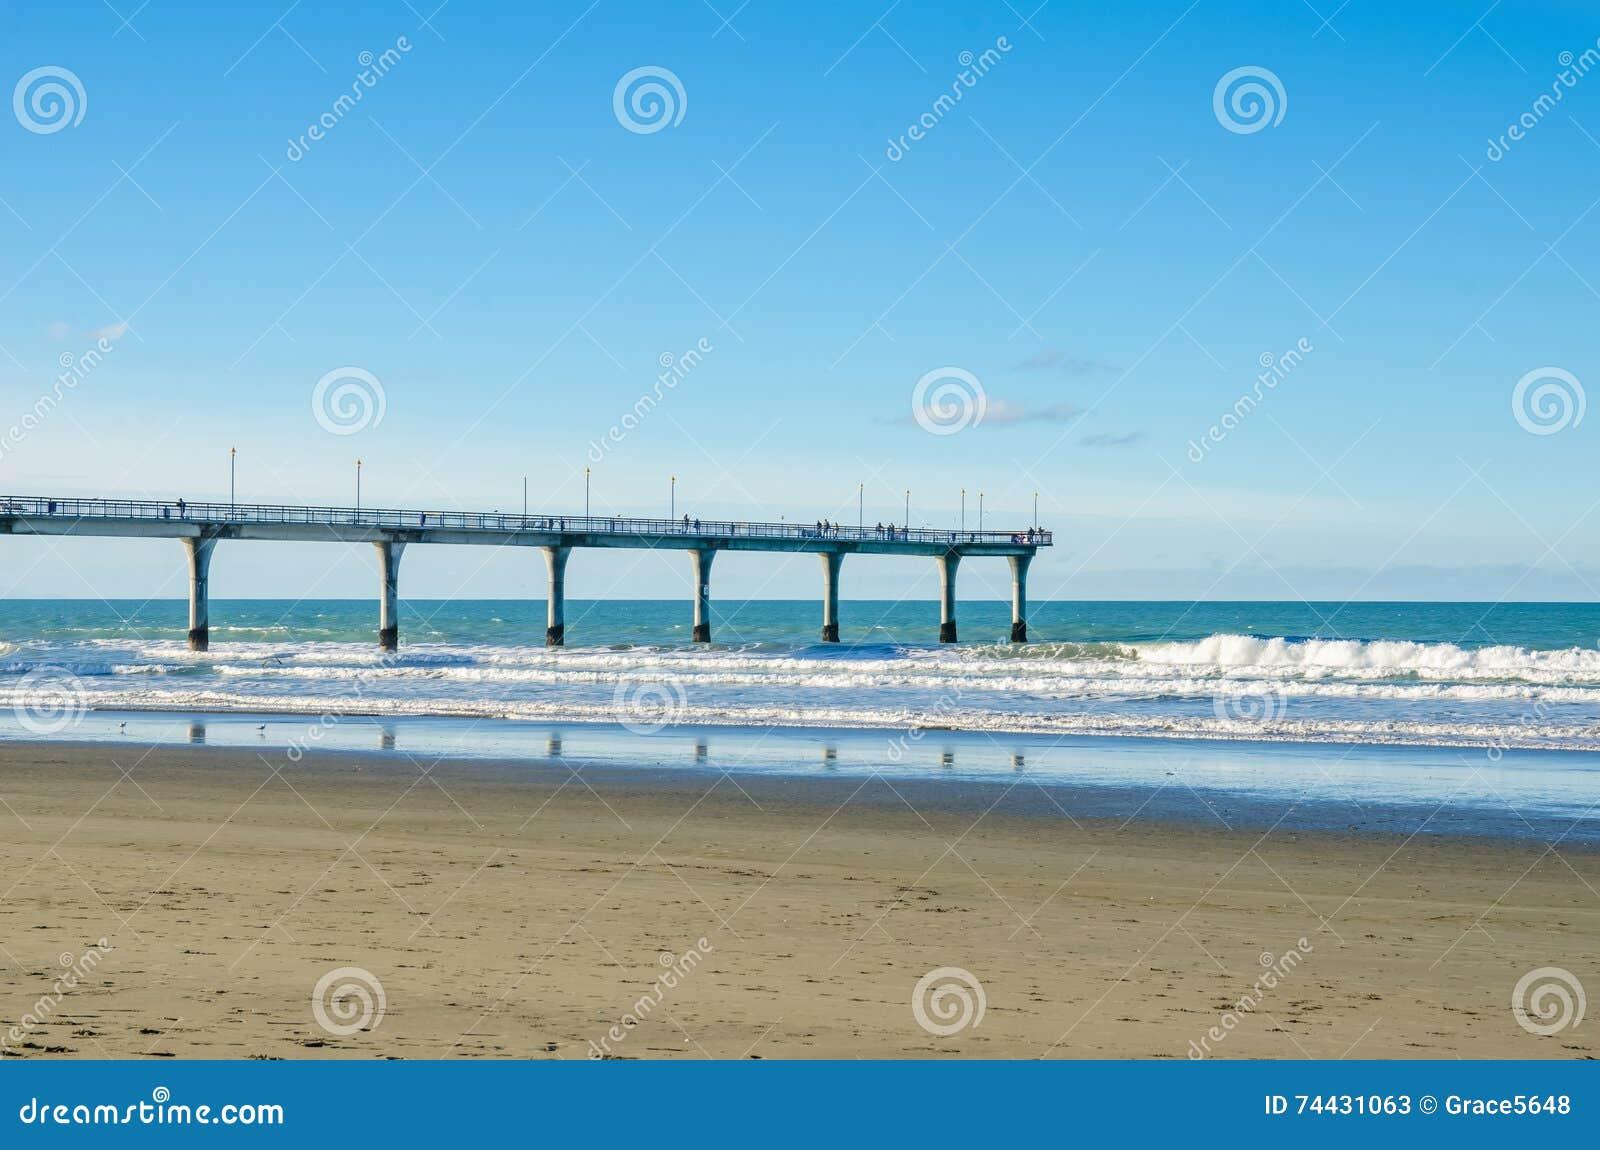 Nieuw Brighton Pier in Christchurch